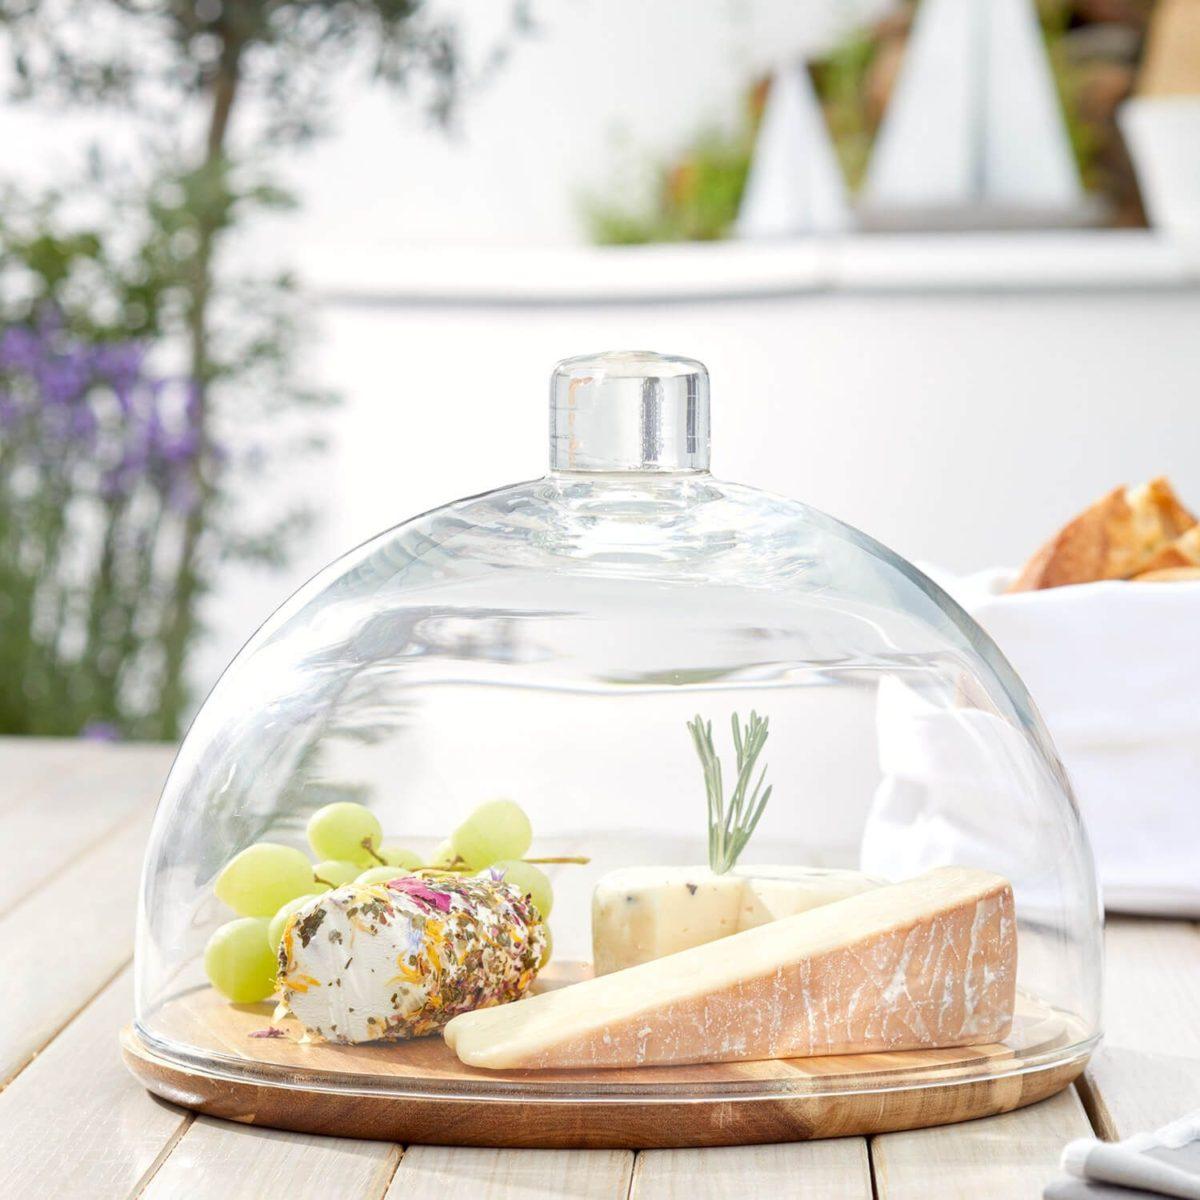 018519 1 k 1200x1200 - Platou pentru brânză din lemn / clopot de sticlă CUCINA (L018519)